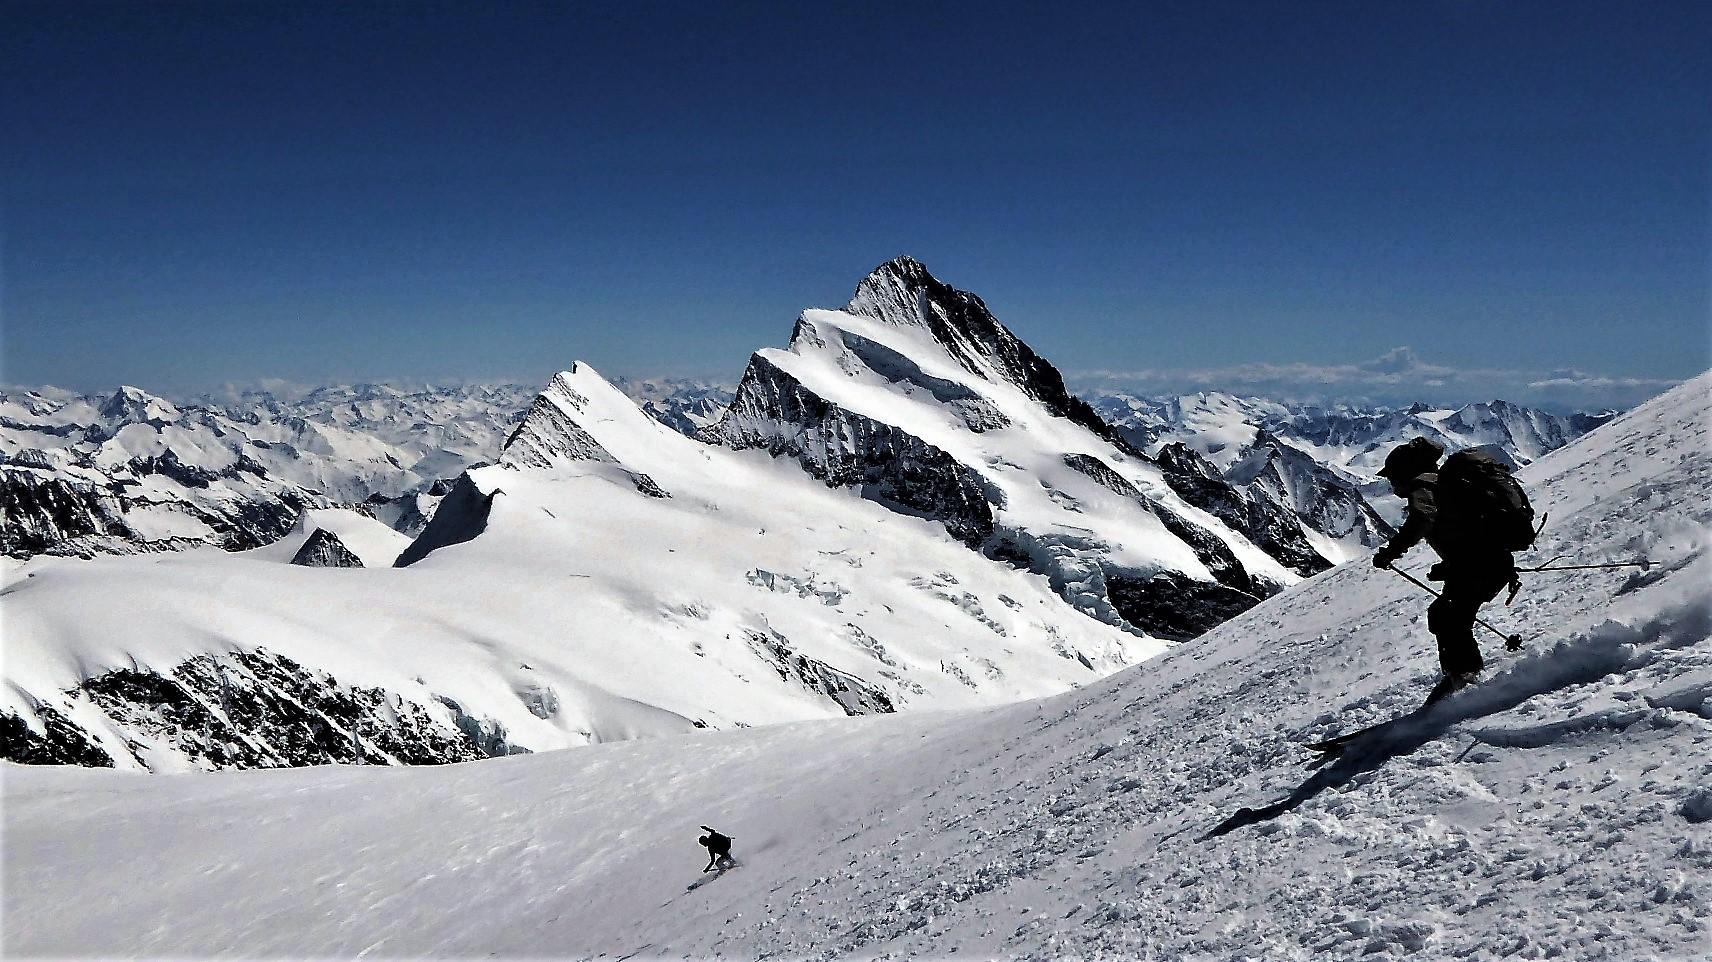 V prostranstvu Bernskih Alp. Smučanje s Fischerhorna (4025 m), zadaj mogočni Finsteraarhorn (4278 m), najvišja gora področja, levo od njega Agassizhorn (3946 m), prav tako odlična, strma smučarska gora.